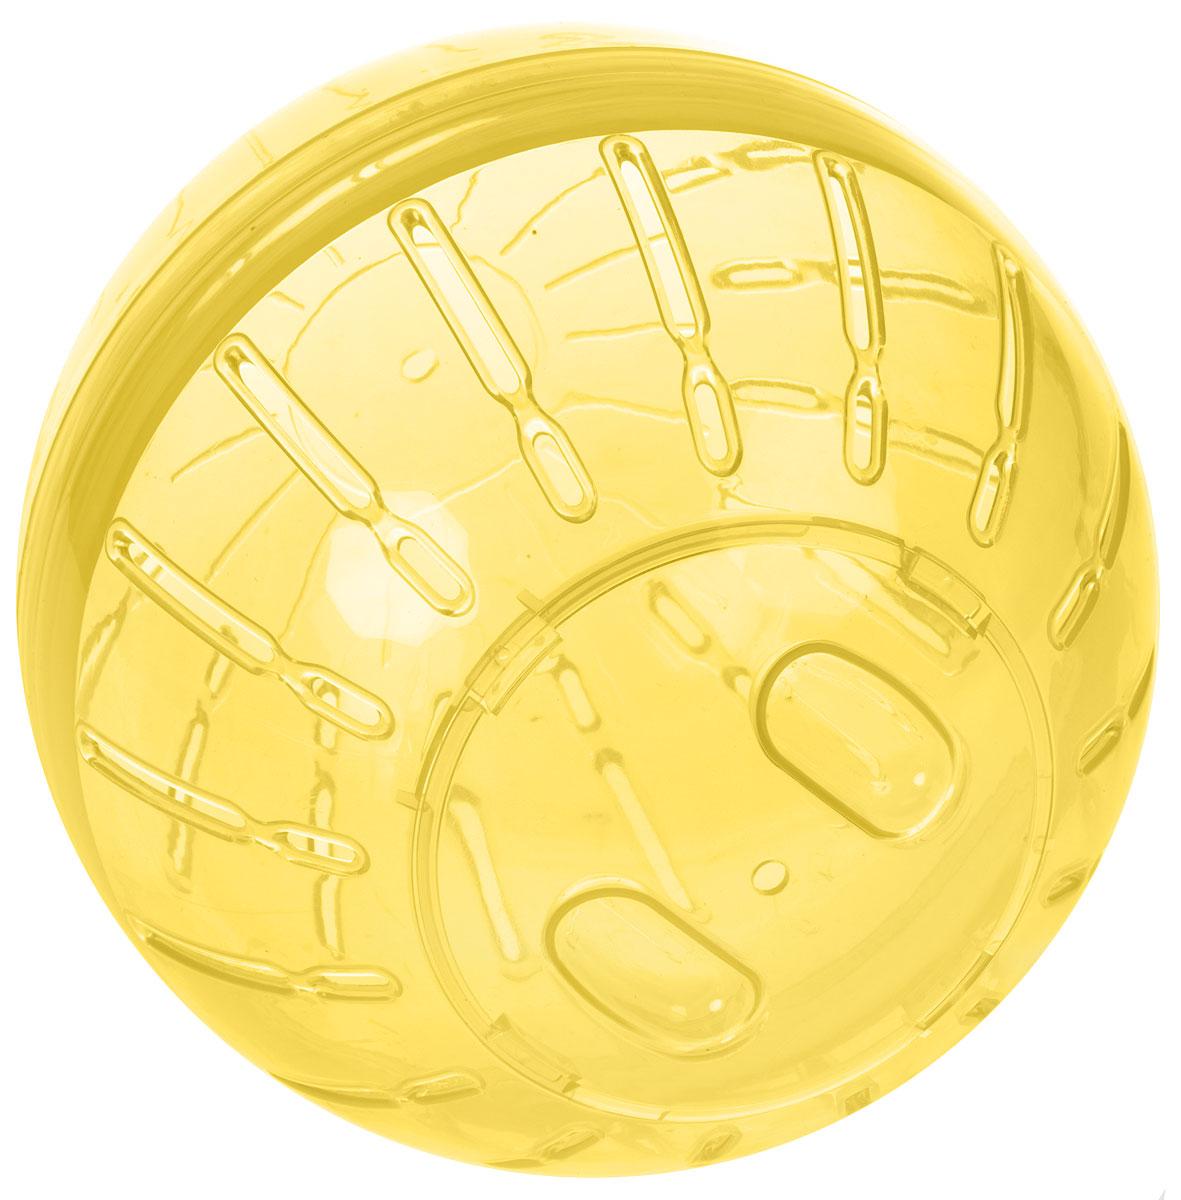 Игрушка для грызунов Triol  Шар прогулочный , цвет: прозрачный желтый, диаметр 19 см